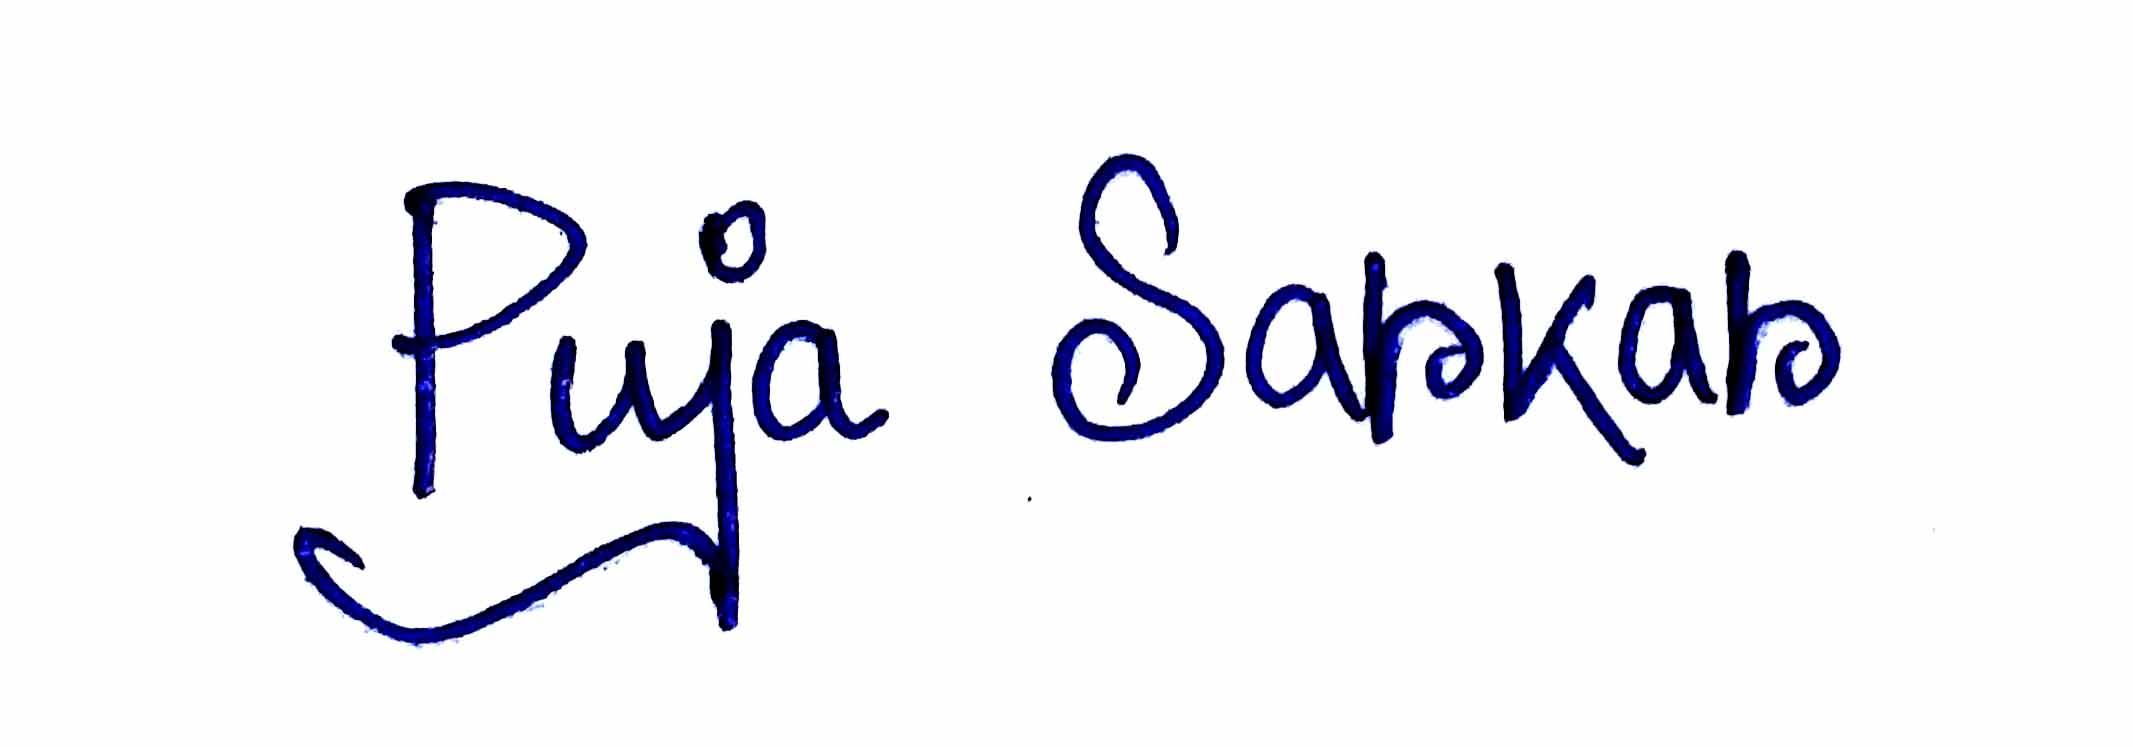 Puja Sarkar's Signature